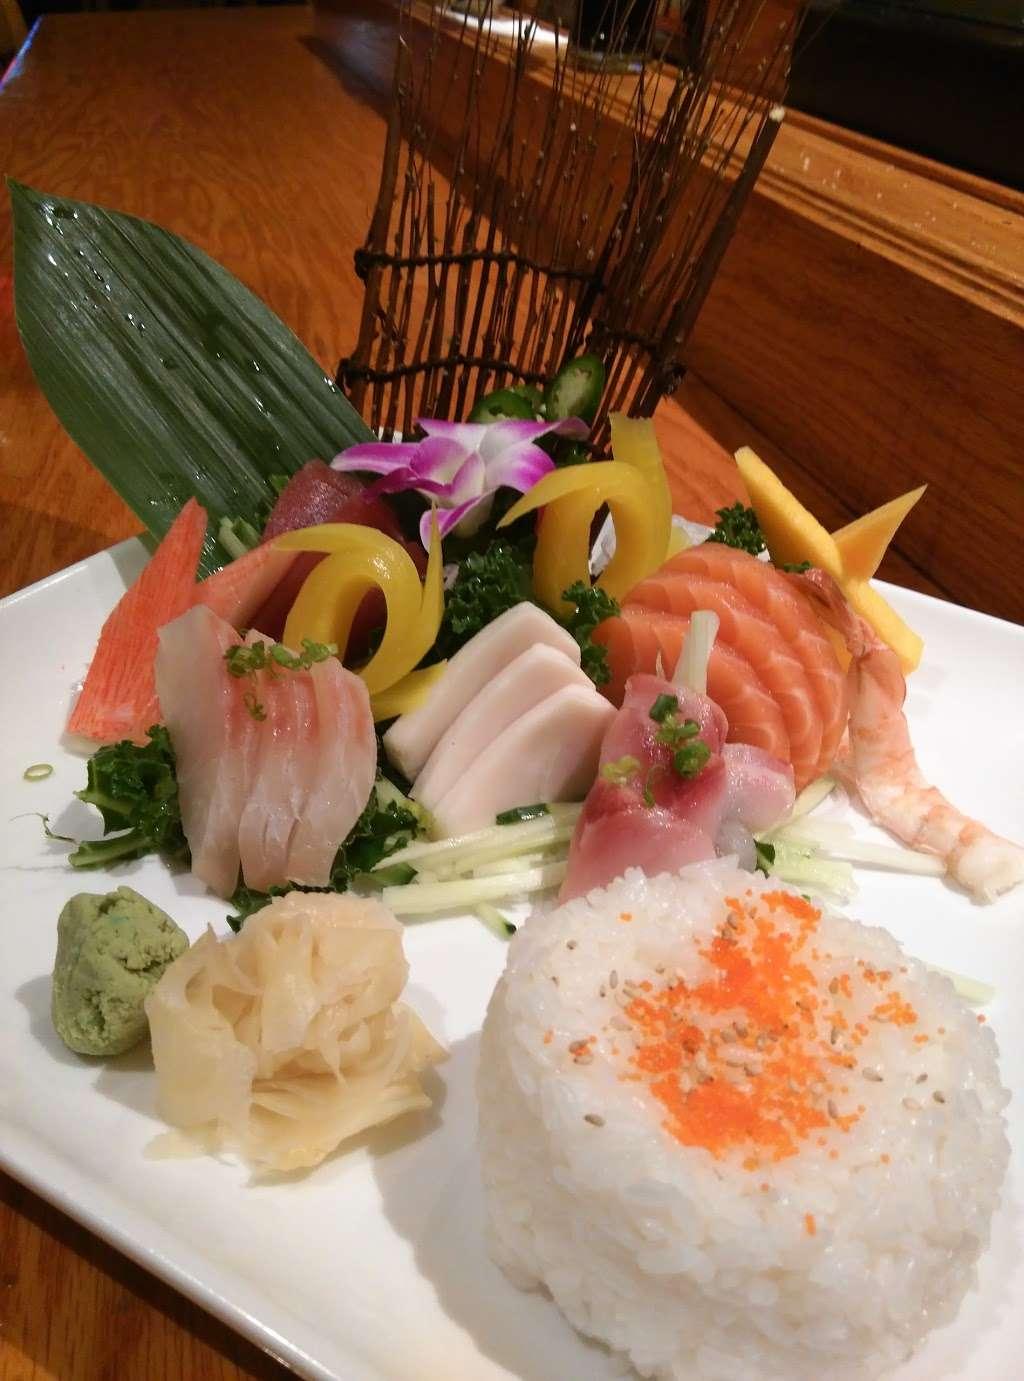 Kyoto Sushi V - restaurant    Photo 1 of 6   Address: 418 Forest Ave, Staten Island, NY 10301, USA   Phone: (718) 727-6666